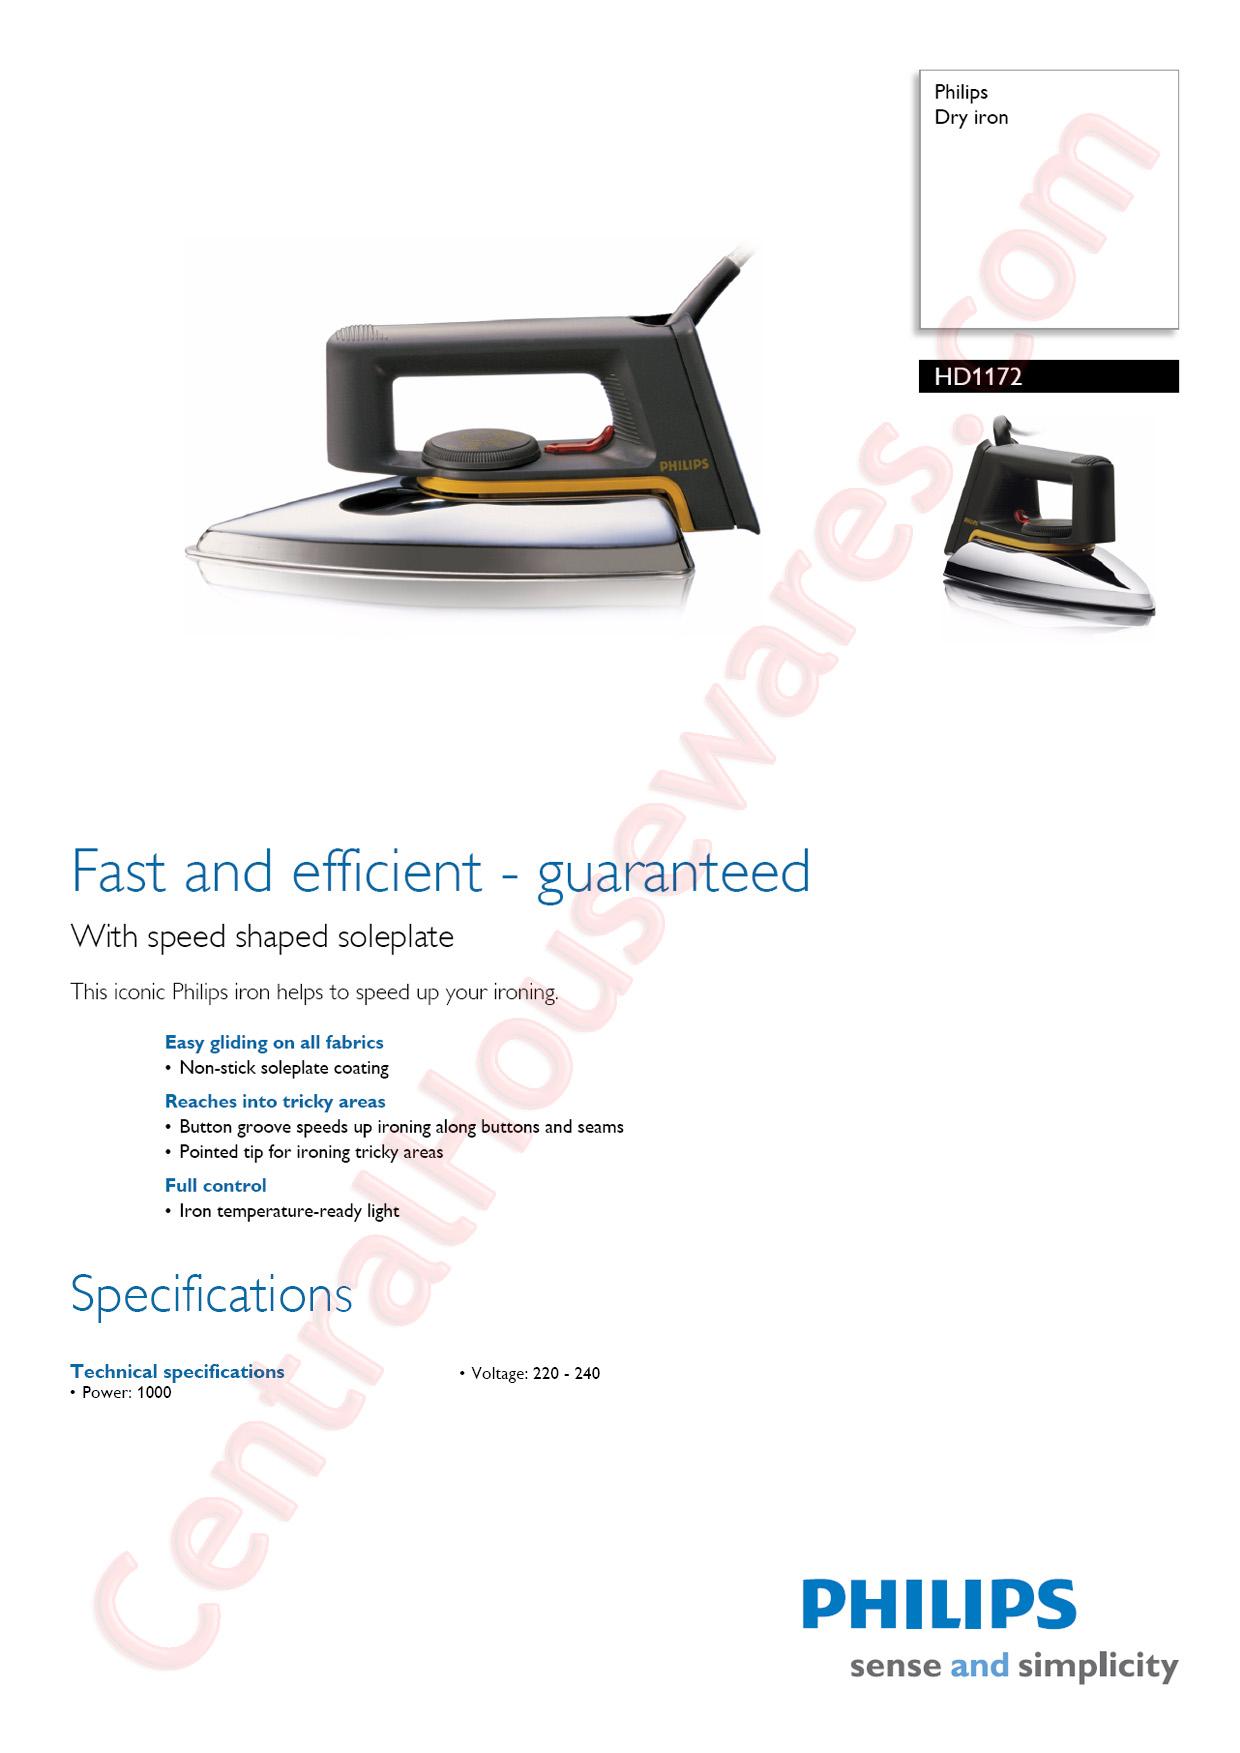 Philips Setrika Dry Hd1172 Hitamkuning5 Daftar Harga Terbaru Dan Hd 1172 Hitam Product Code Description